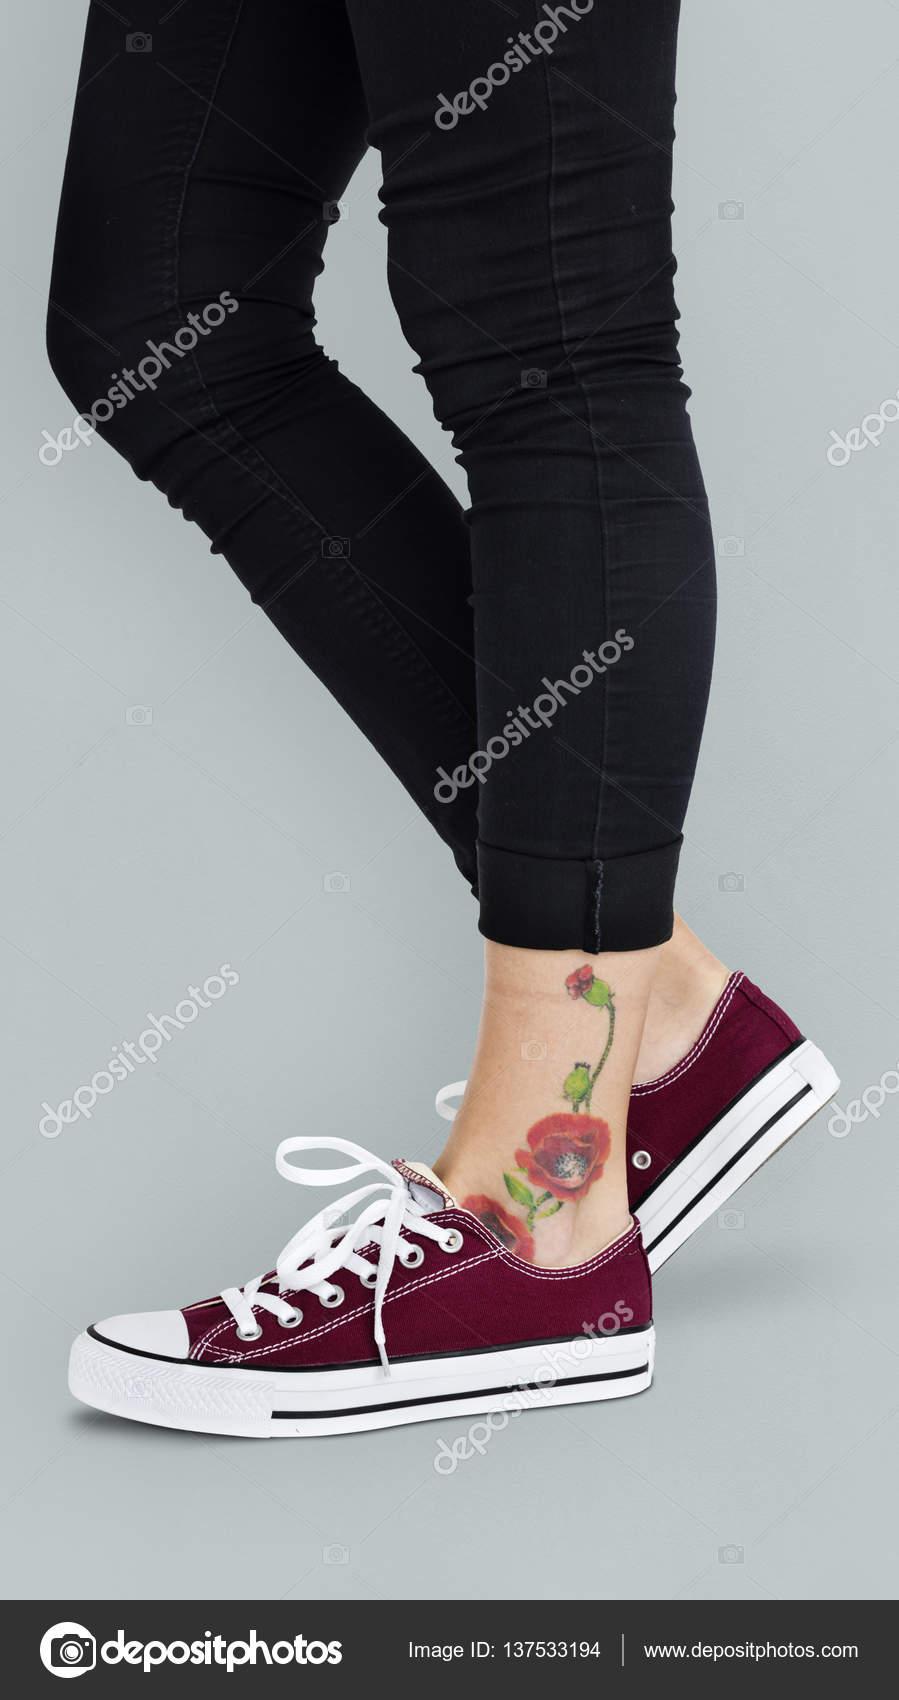 Kwiat Tatuaż Na Kostce Zdjęcie Stockowe Rawpixel 137533194